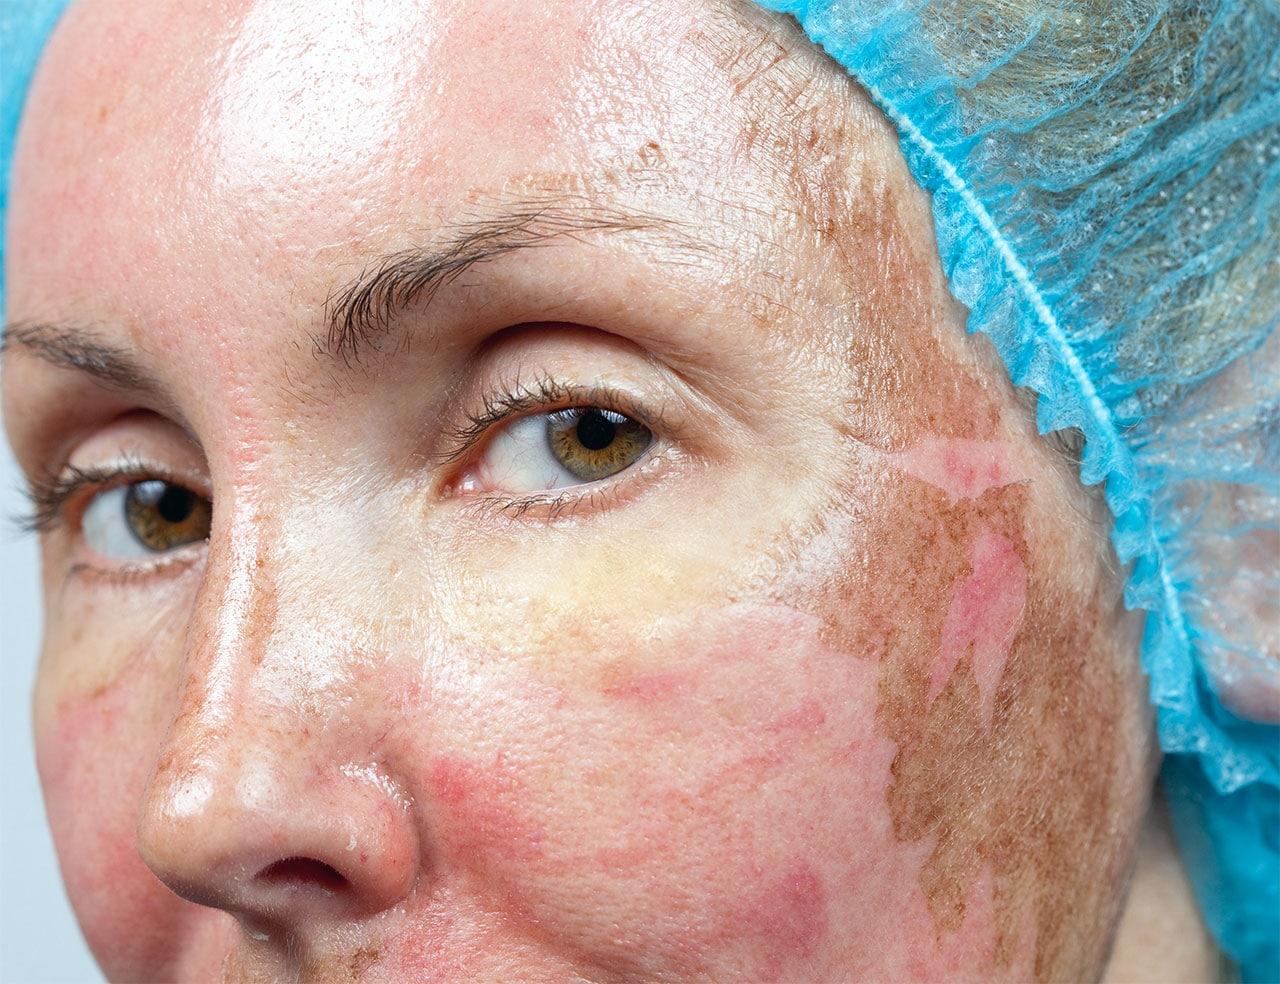 Chemisches Peeling im Gesicht